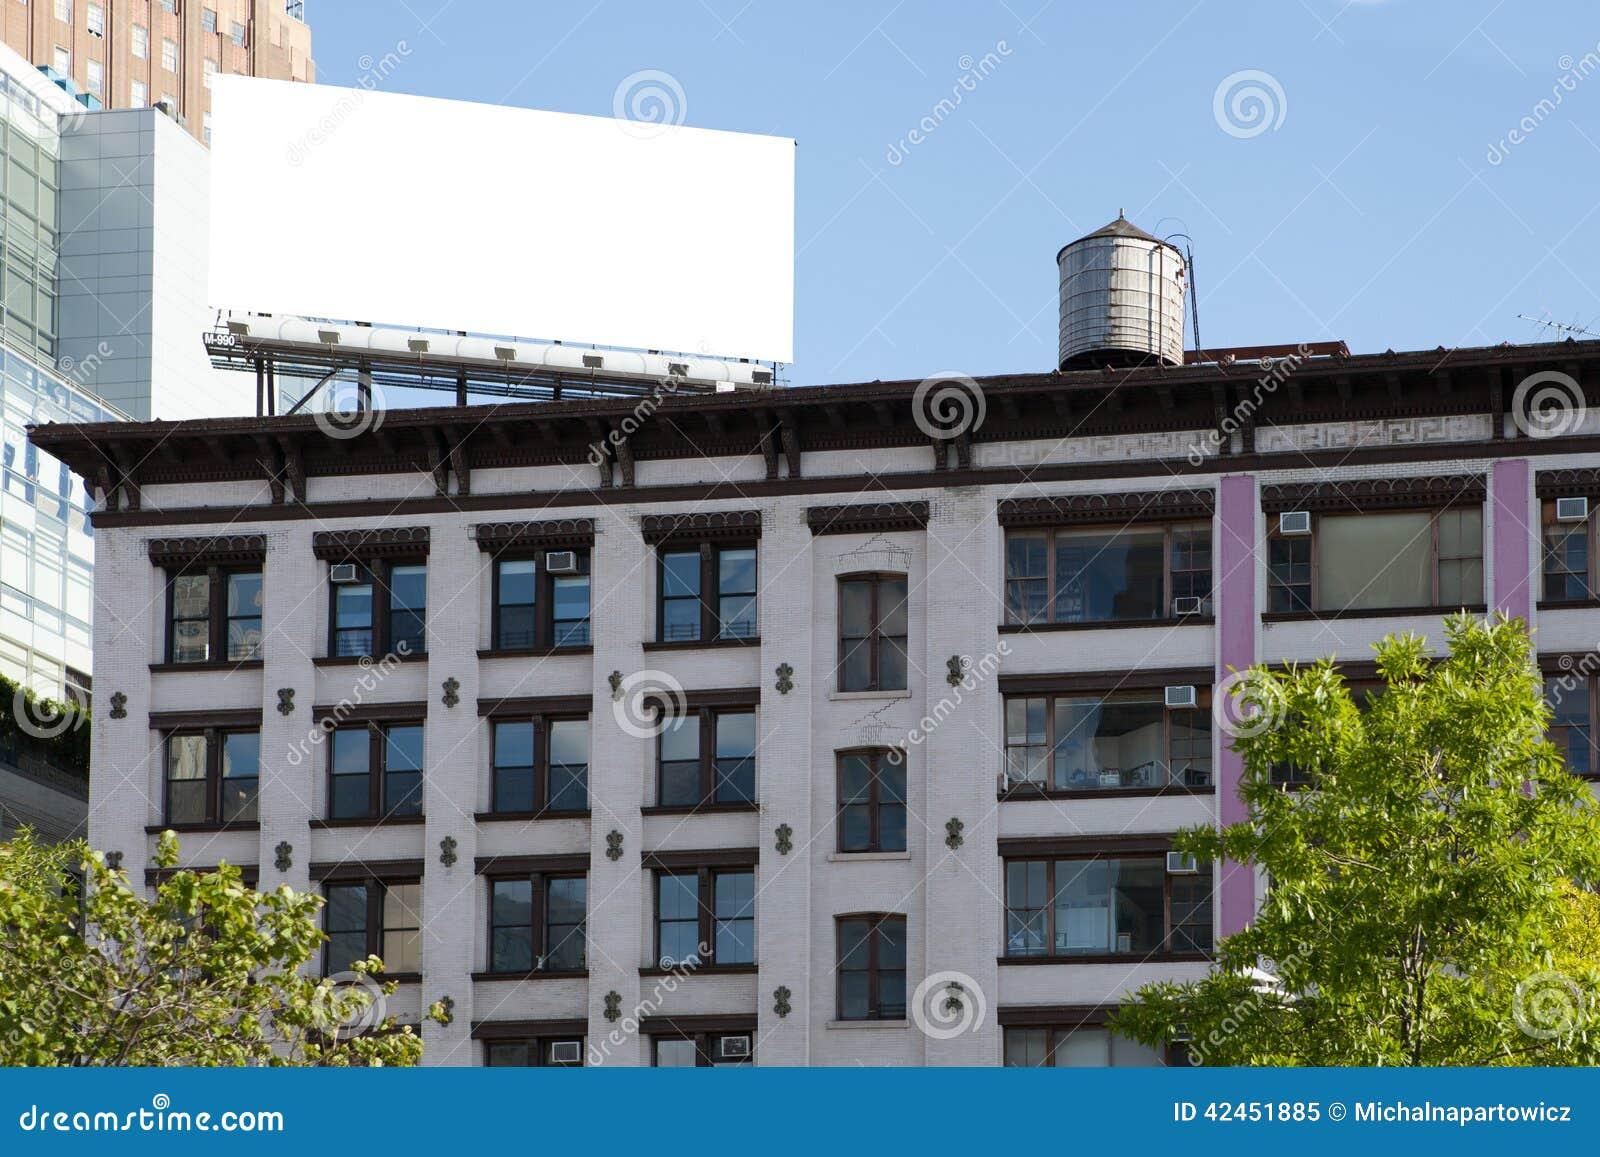 Groß, weiß, leer, Anschlagtafel auf dem Dach